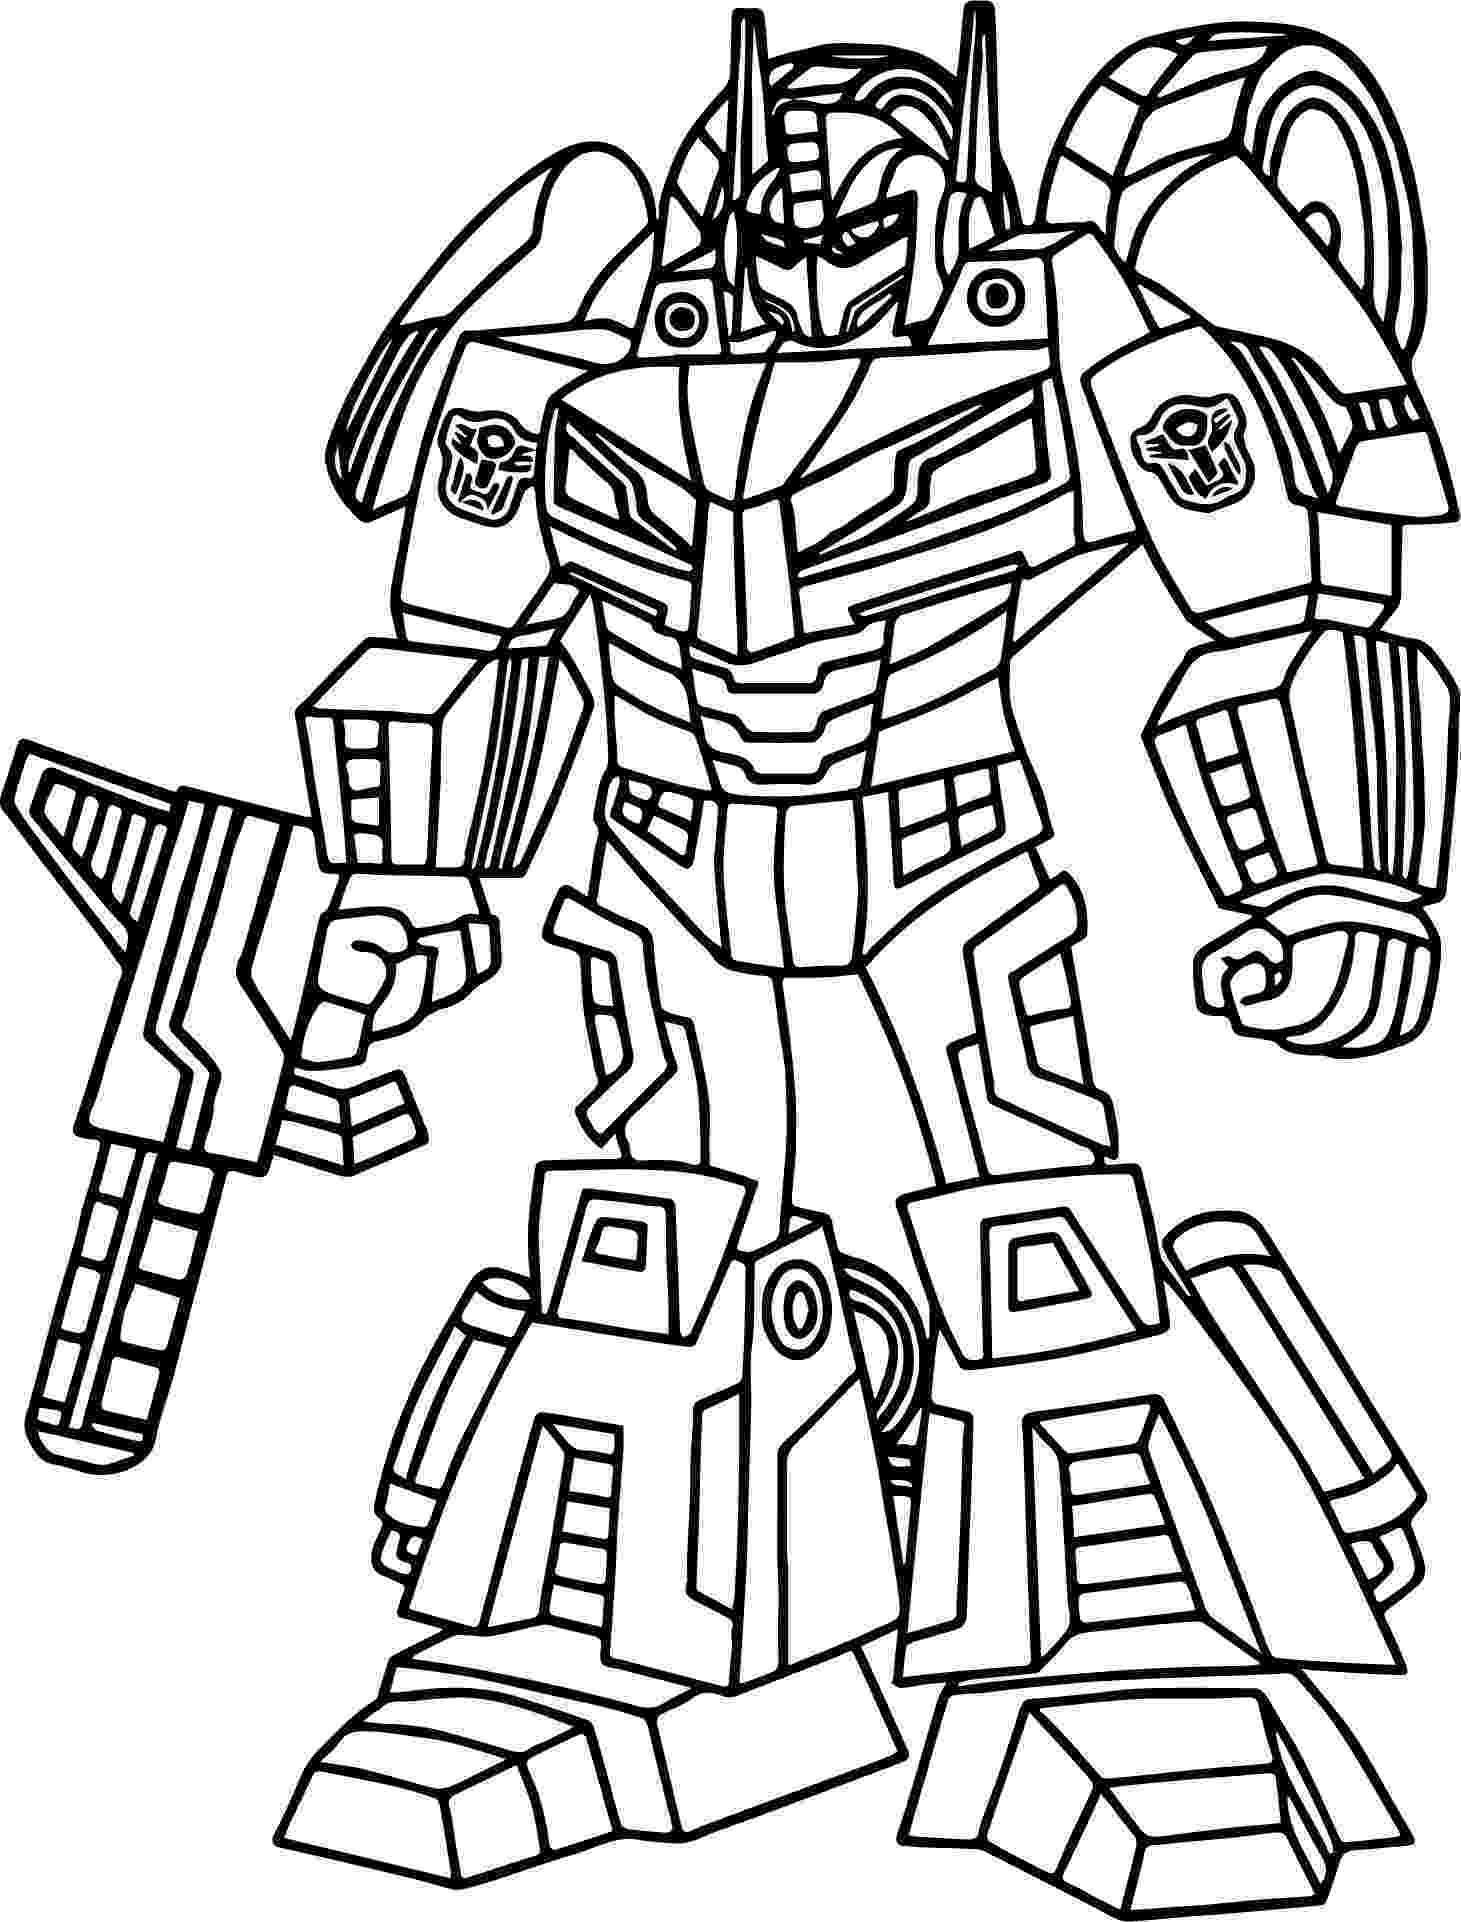 transformers coloring kids n funcom 33 coloring pages of transformers coloring transformers